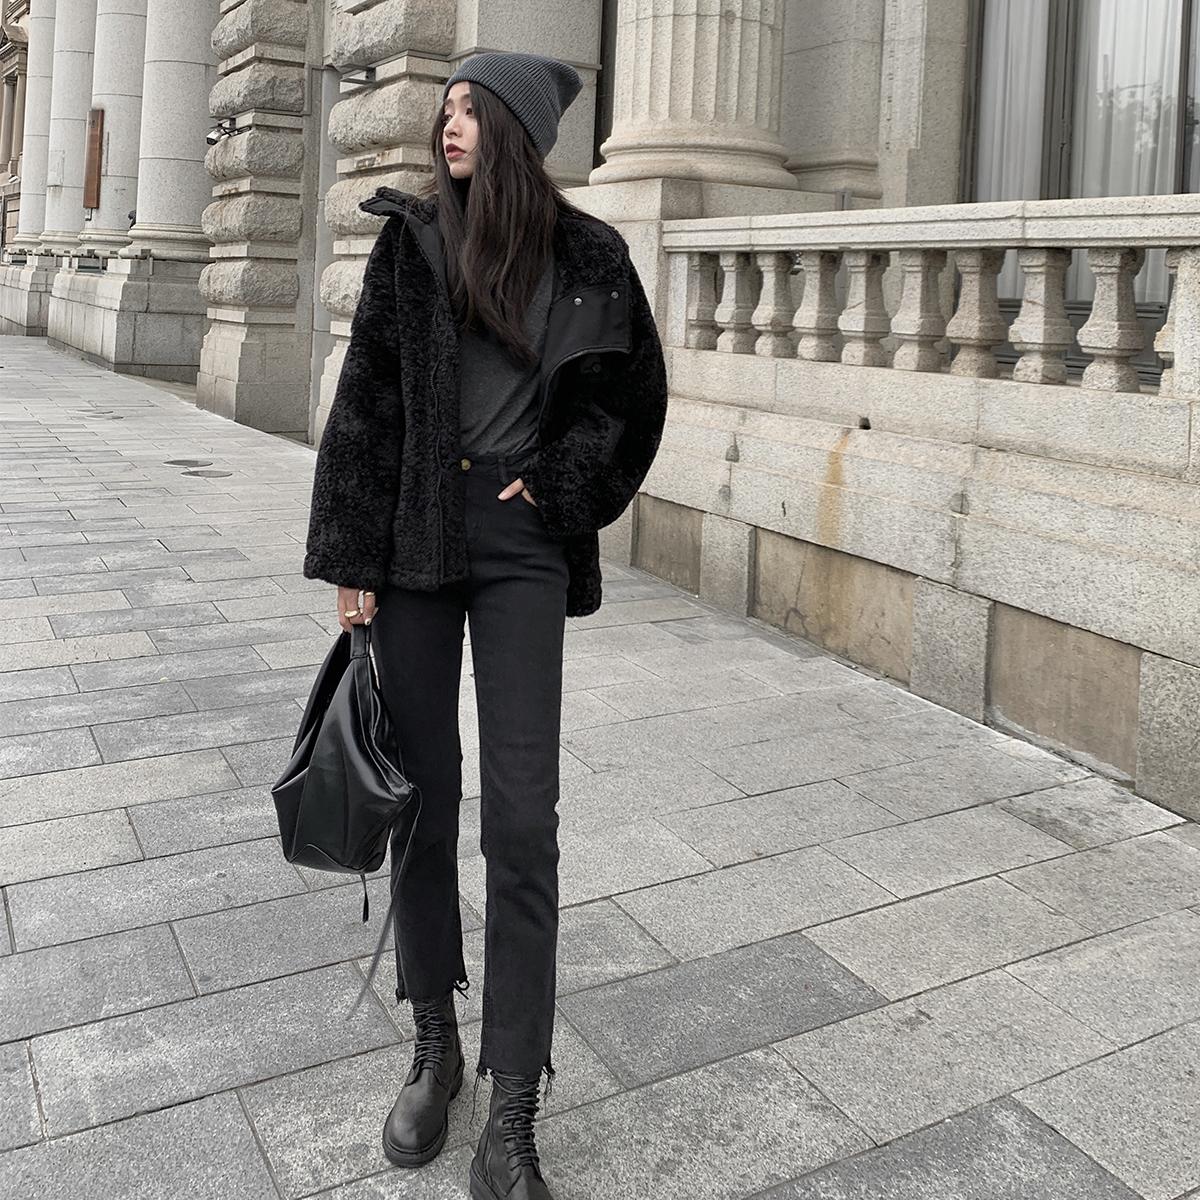 [¥146]女士黑色牛仔裤秋冬女2019新款潮高腰显瘦烟管直筒九分裤弹力裤子